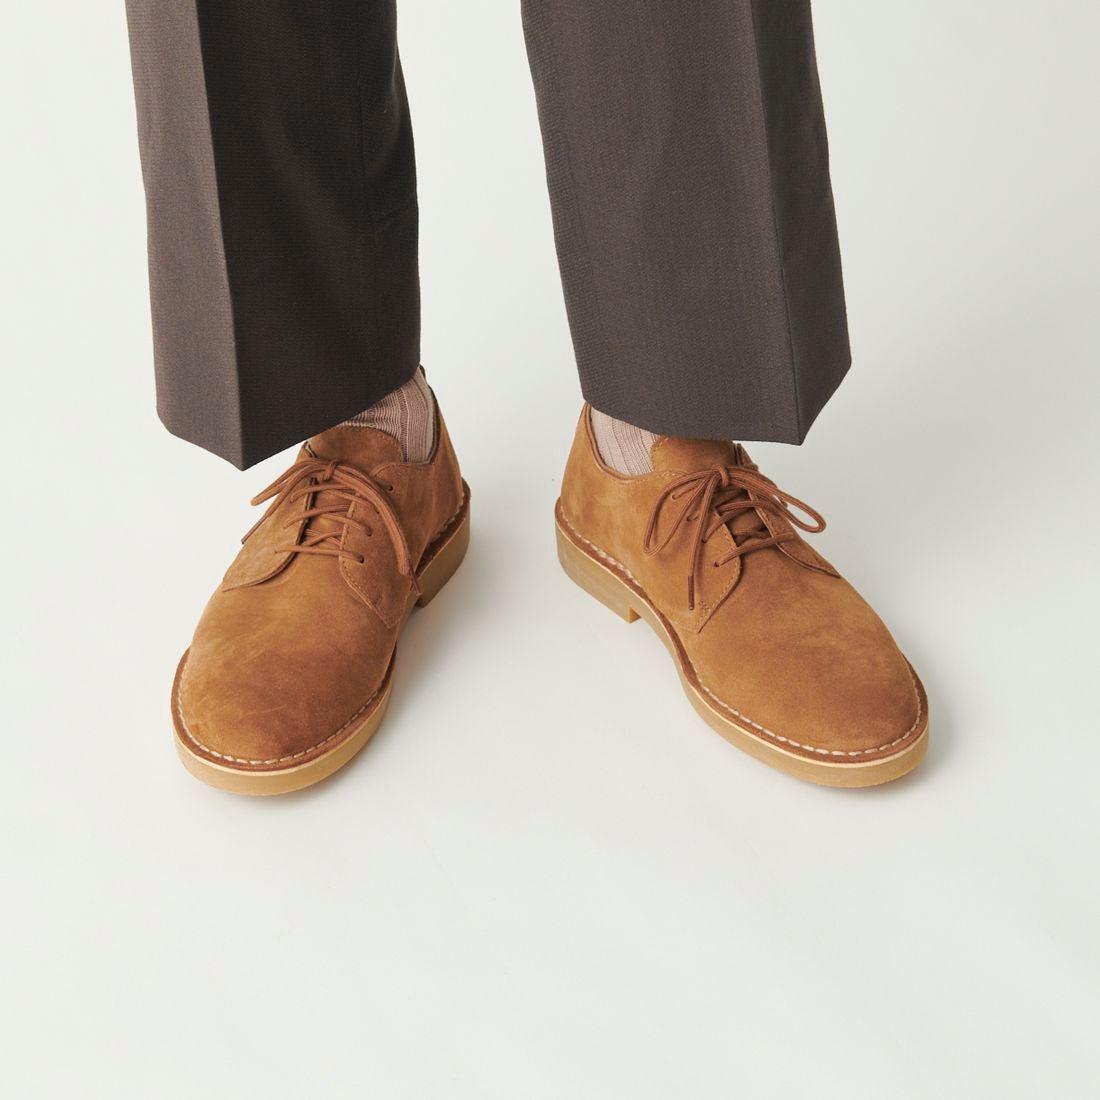 """【Clarks デザートロンドン2・コニャックスエードの画像コメント1】スエードのマットな感じと""""良い意味でのざらつき""""が実にカジュアル革靴らしい表情です。"""